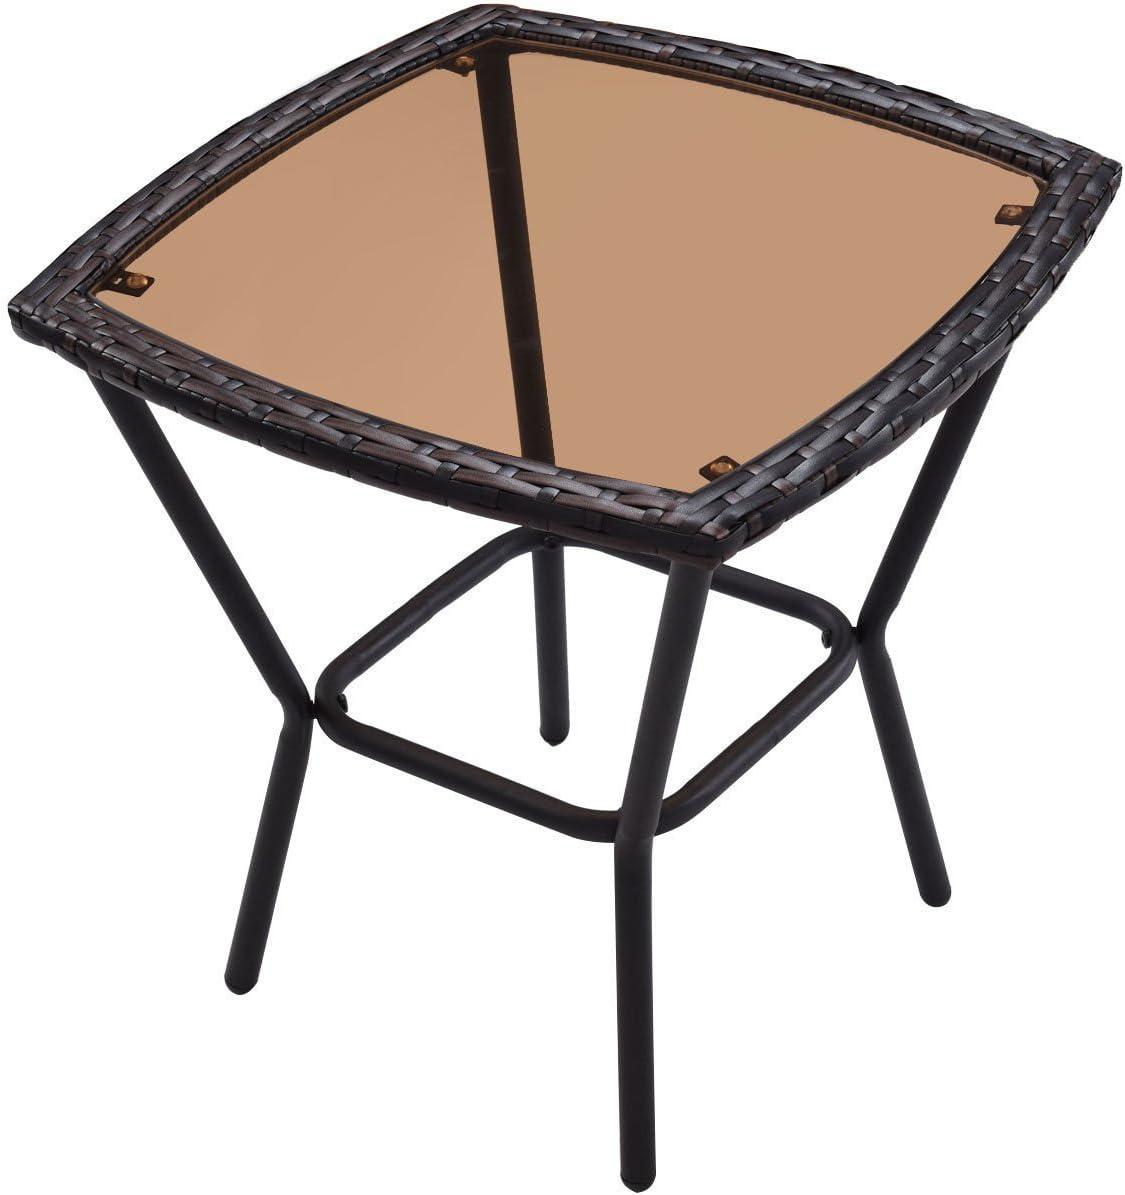 Tangkula AM1483HM Rocking Set 3 Piece Outdoor Patio Garden Poolside Wicker RATT, Brown: Garden & Outdoor